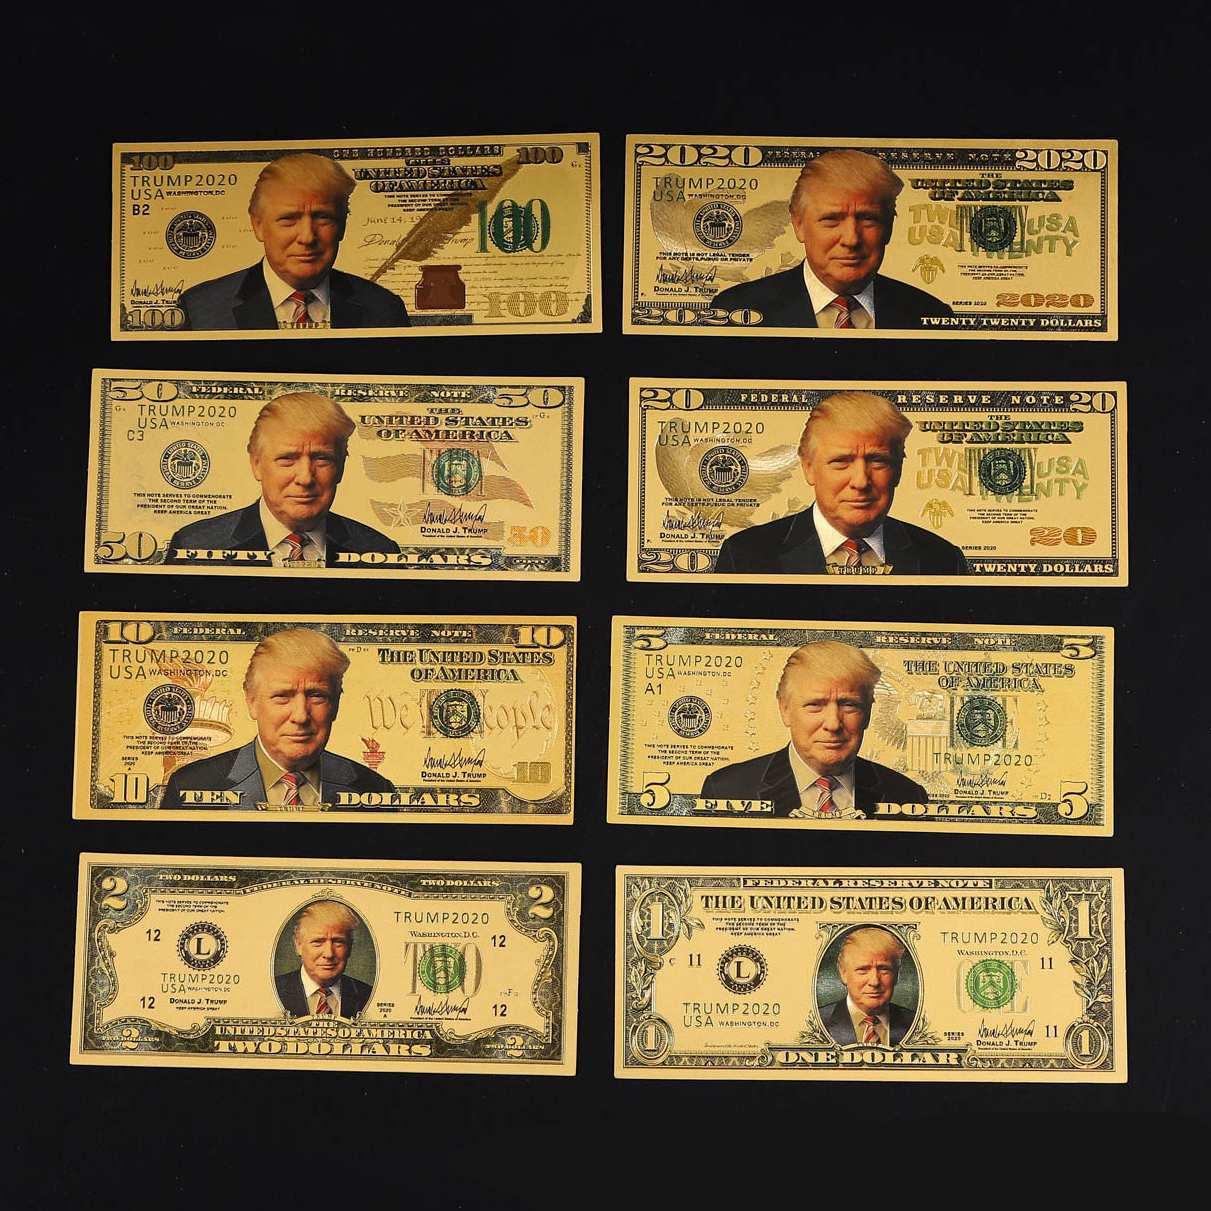 Дональда Трампа USD 1/2/5/10/20/50/100 золото, цена в долларах, полный набор банкнот 2020